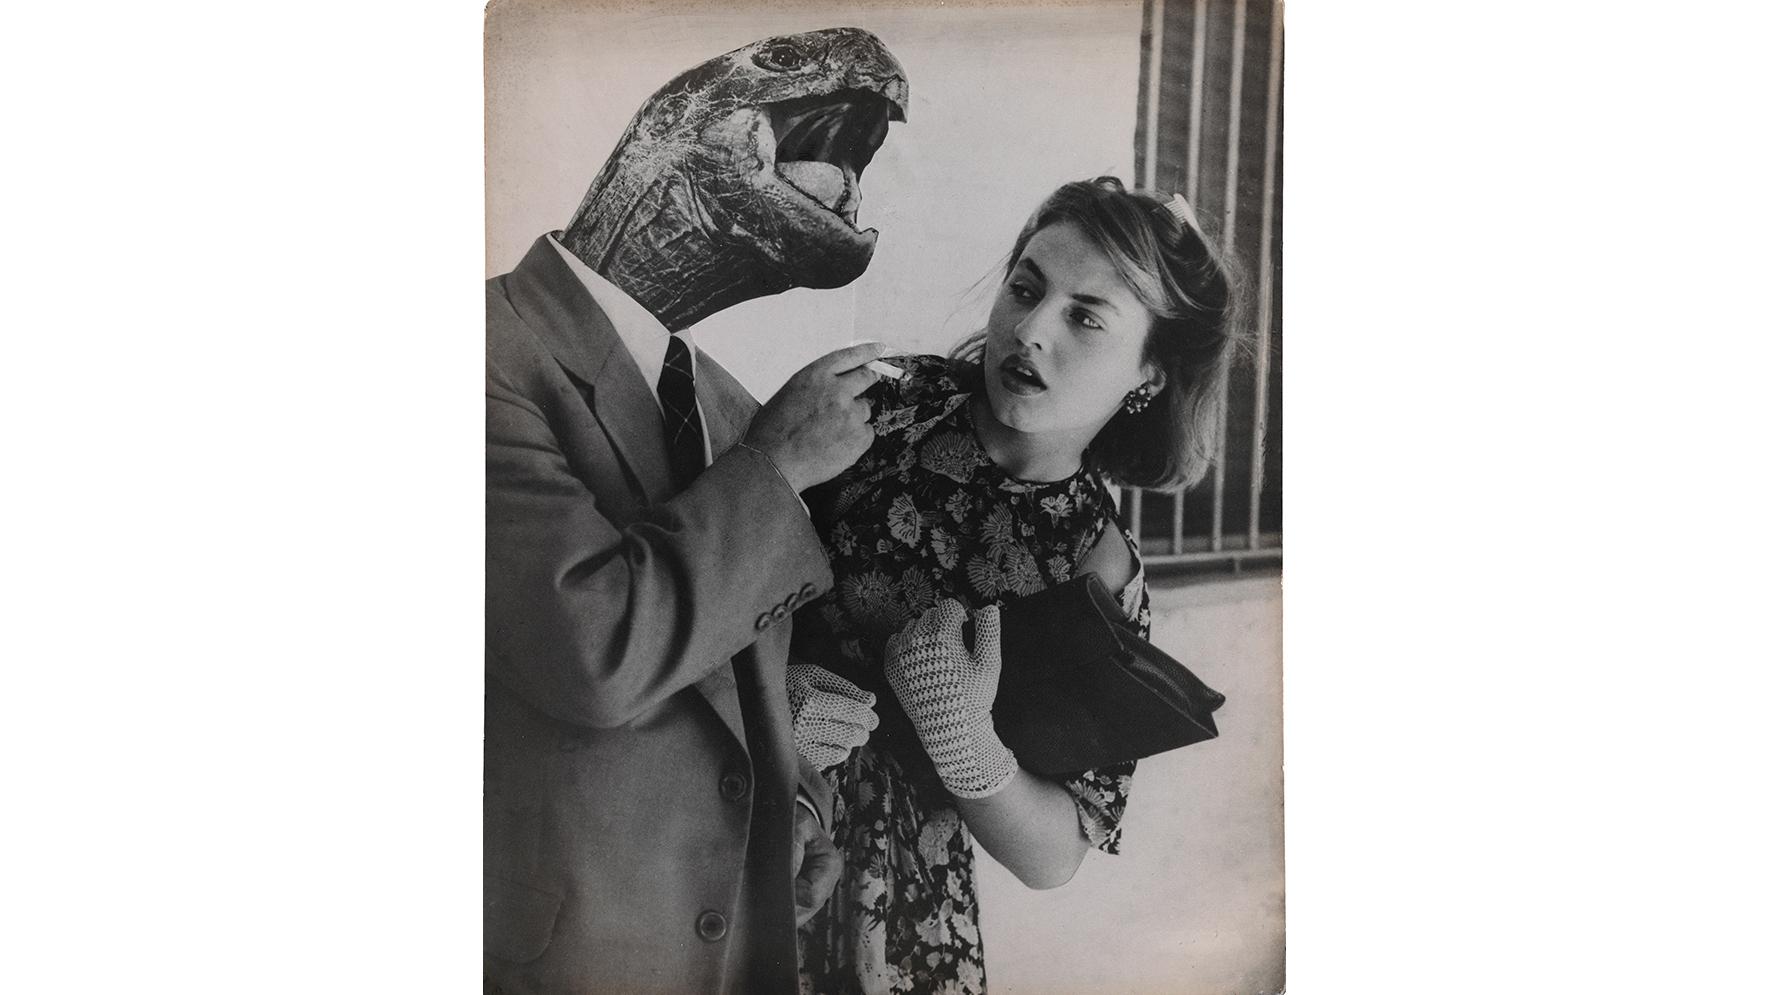 Grete Stern, Sueño No. 28: Amor sin ilusión (Dream No. 28: Love Without Illusion), 1951